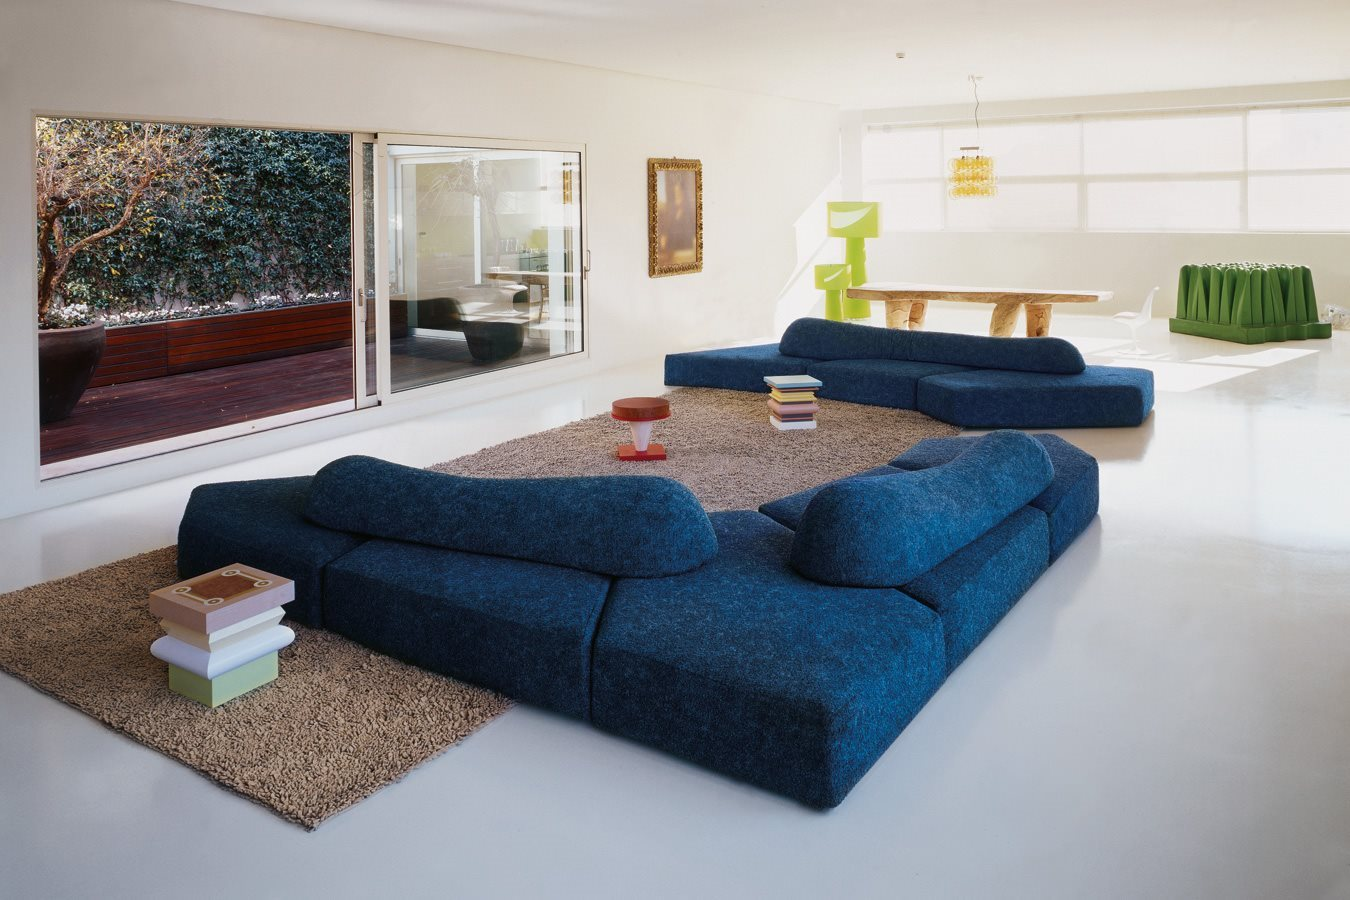 أريكة عصرية غريبة 8 الراحة والعصرية في تصميمات أرائك غريبة وغير تقليدية